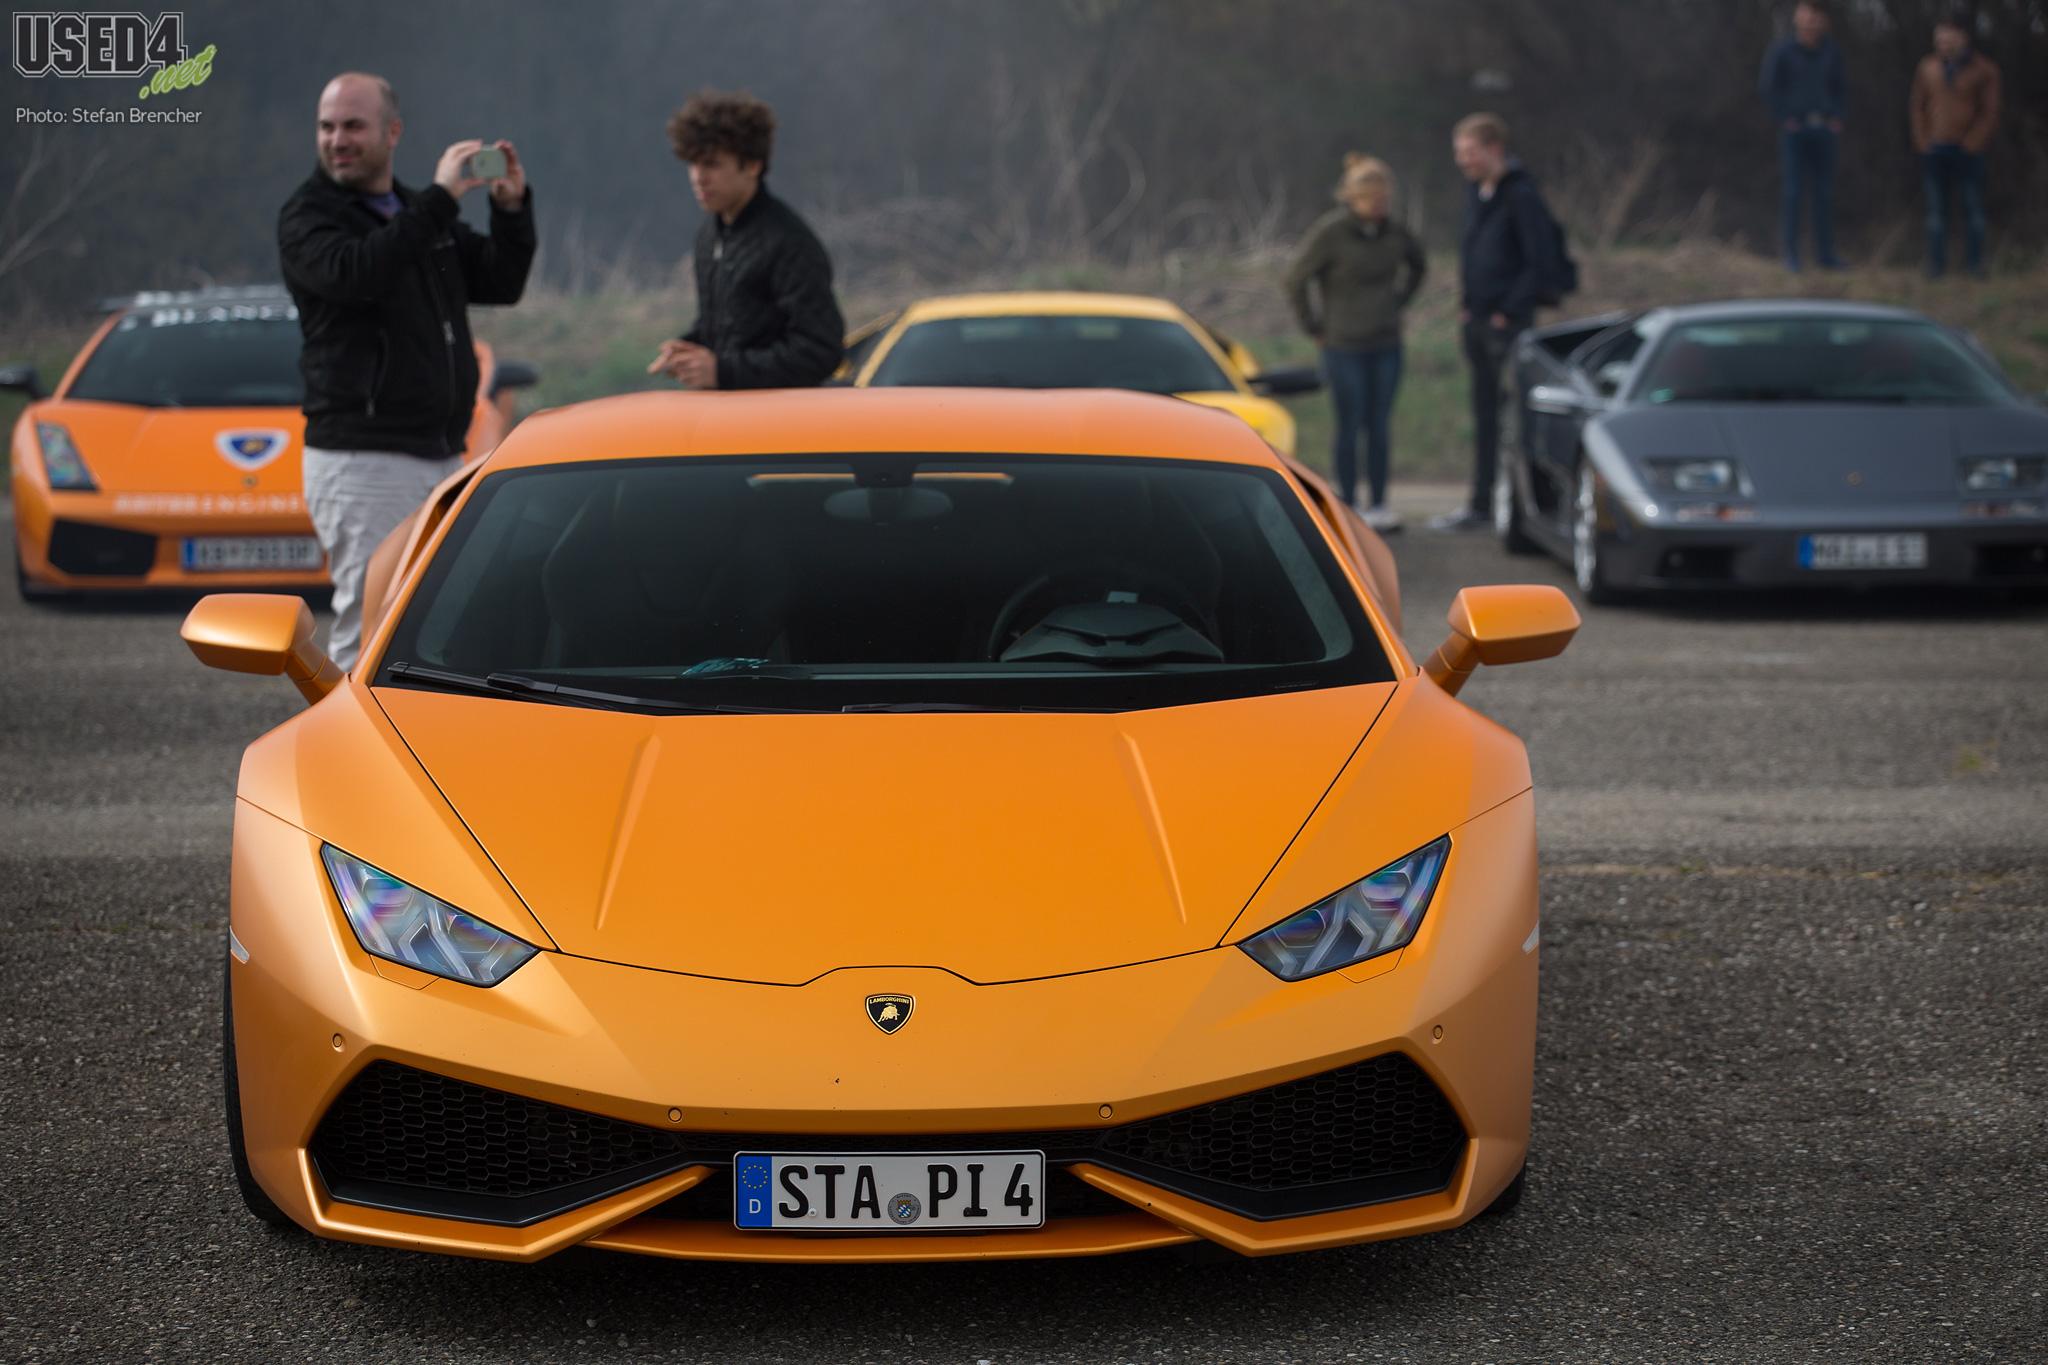 Bild-9web Extraordinary Lamborghini Countach Schwer Zu Fahren Cars Trend